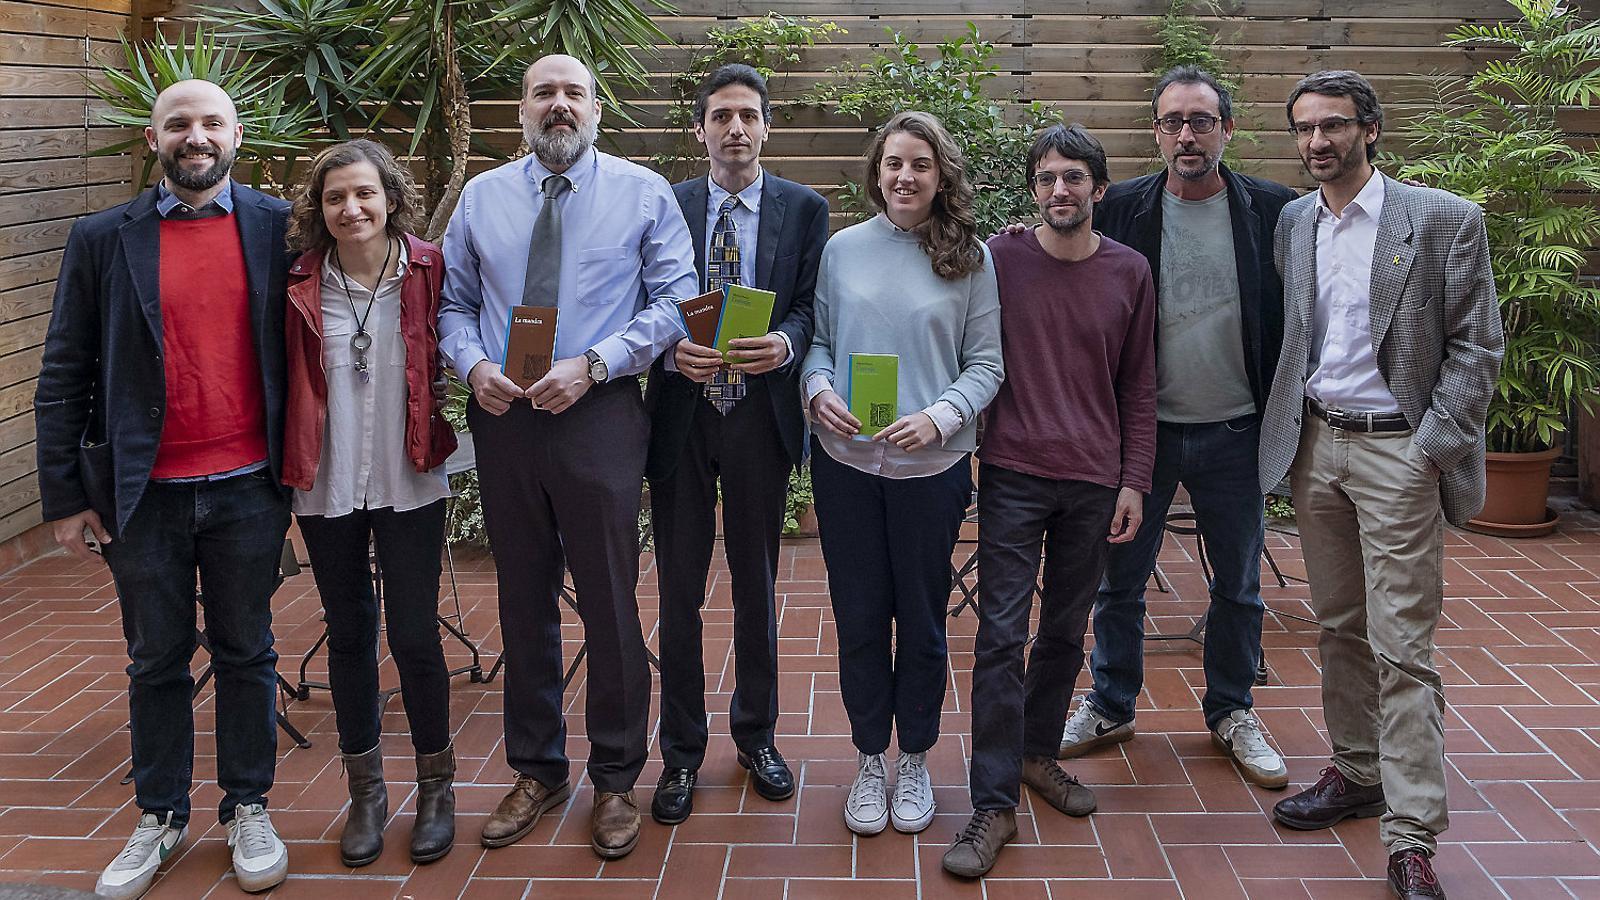 D'esquerra a dreta, Jordi Graupera, Anna Punsoda, Oriol Quintana, l'editor Ignasi Moreta, Marina Porras, Raül Garrigasait, Adrià Pujol i Oriol Ponsatí-Murlà.